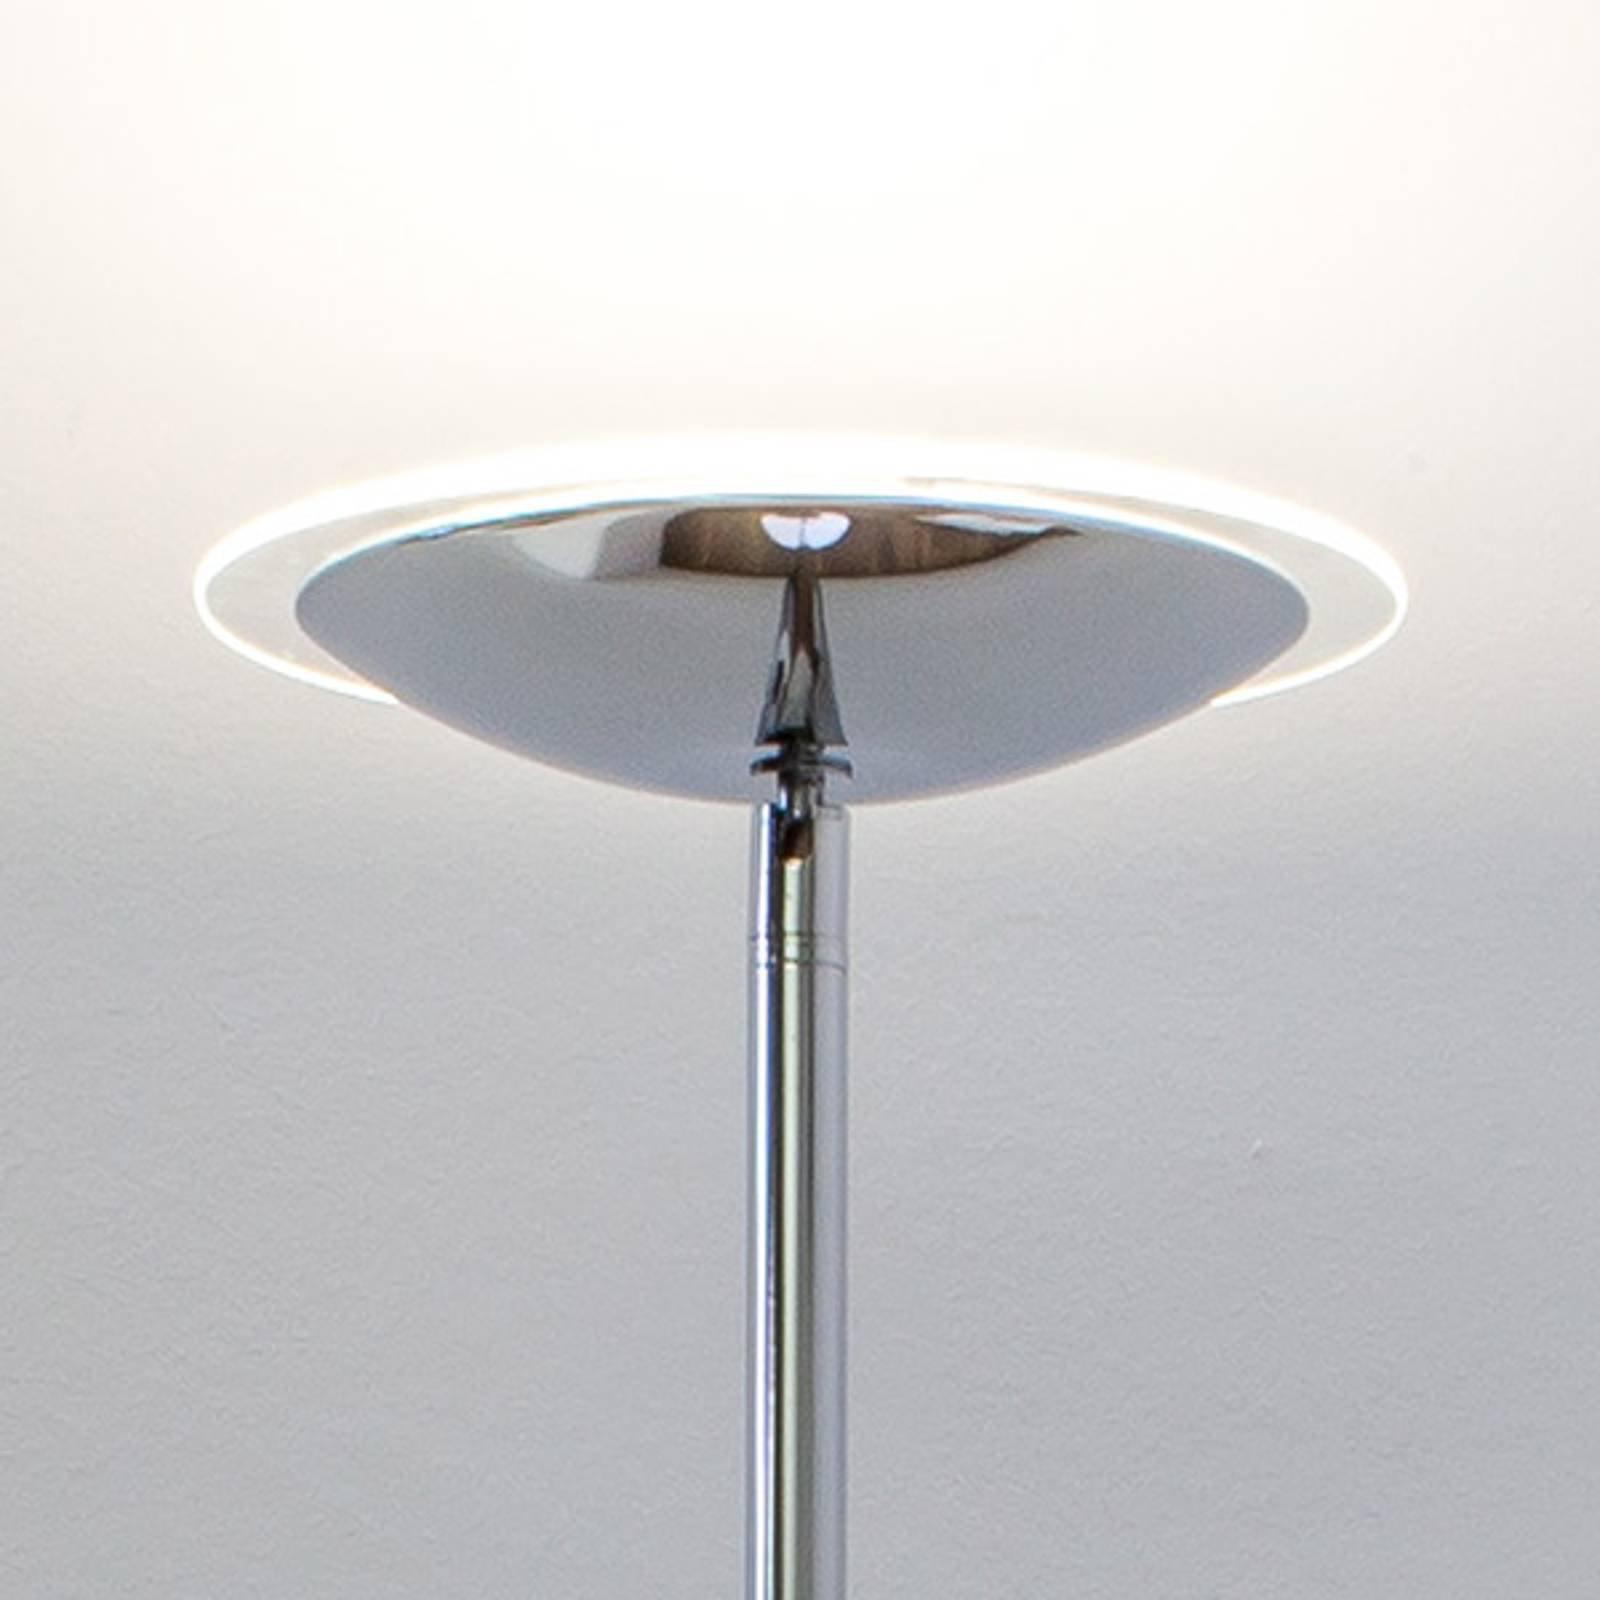 LED-uplight lampe Malea i blank krom.